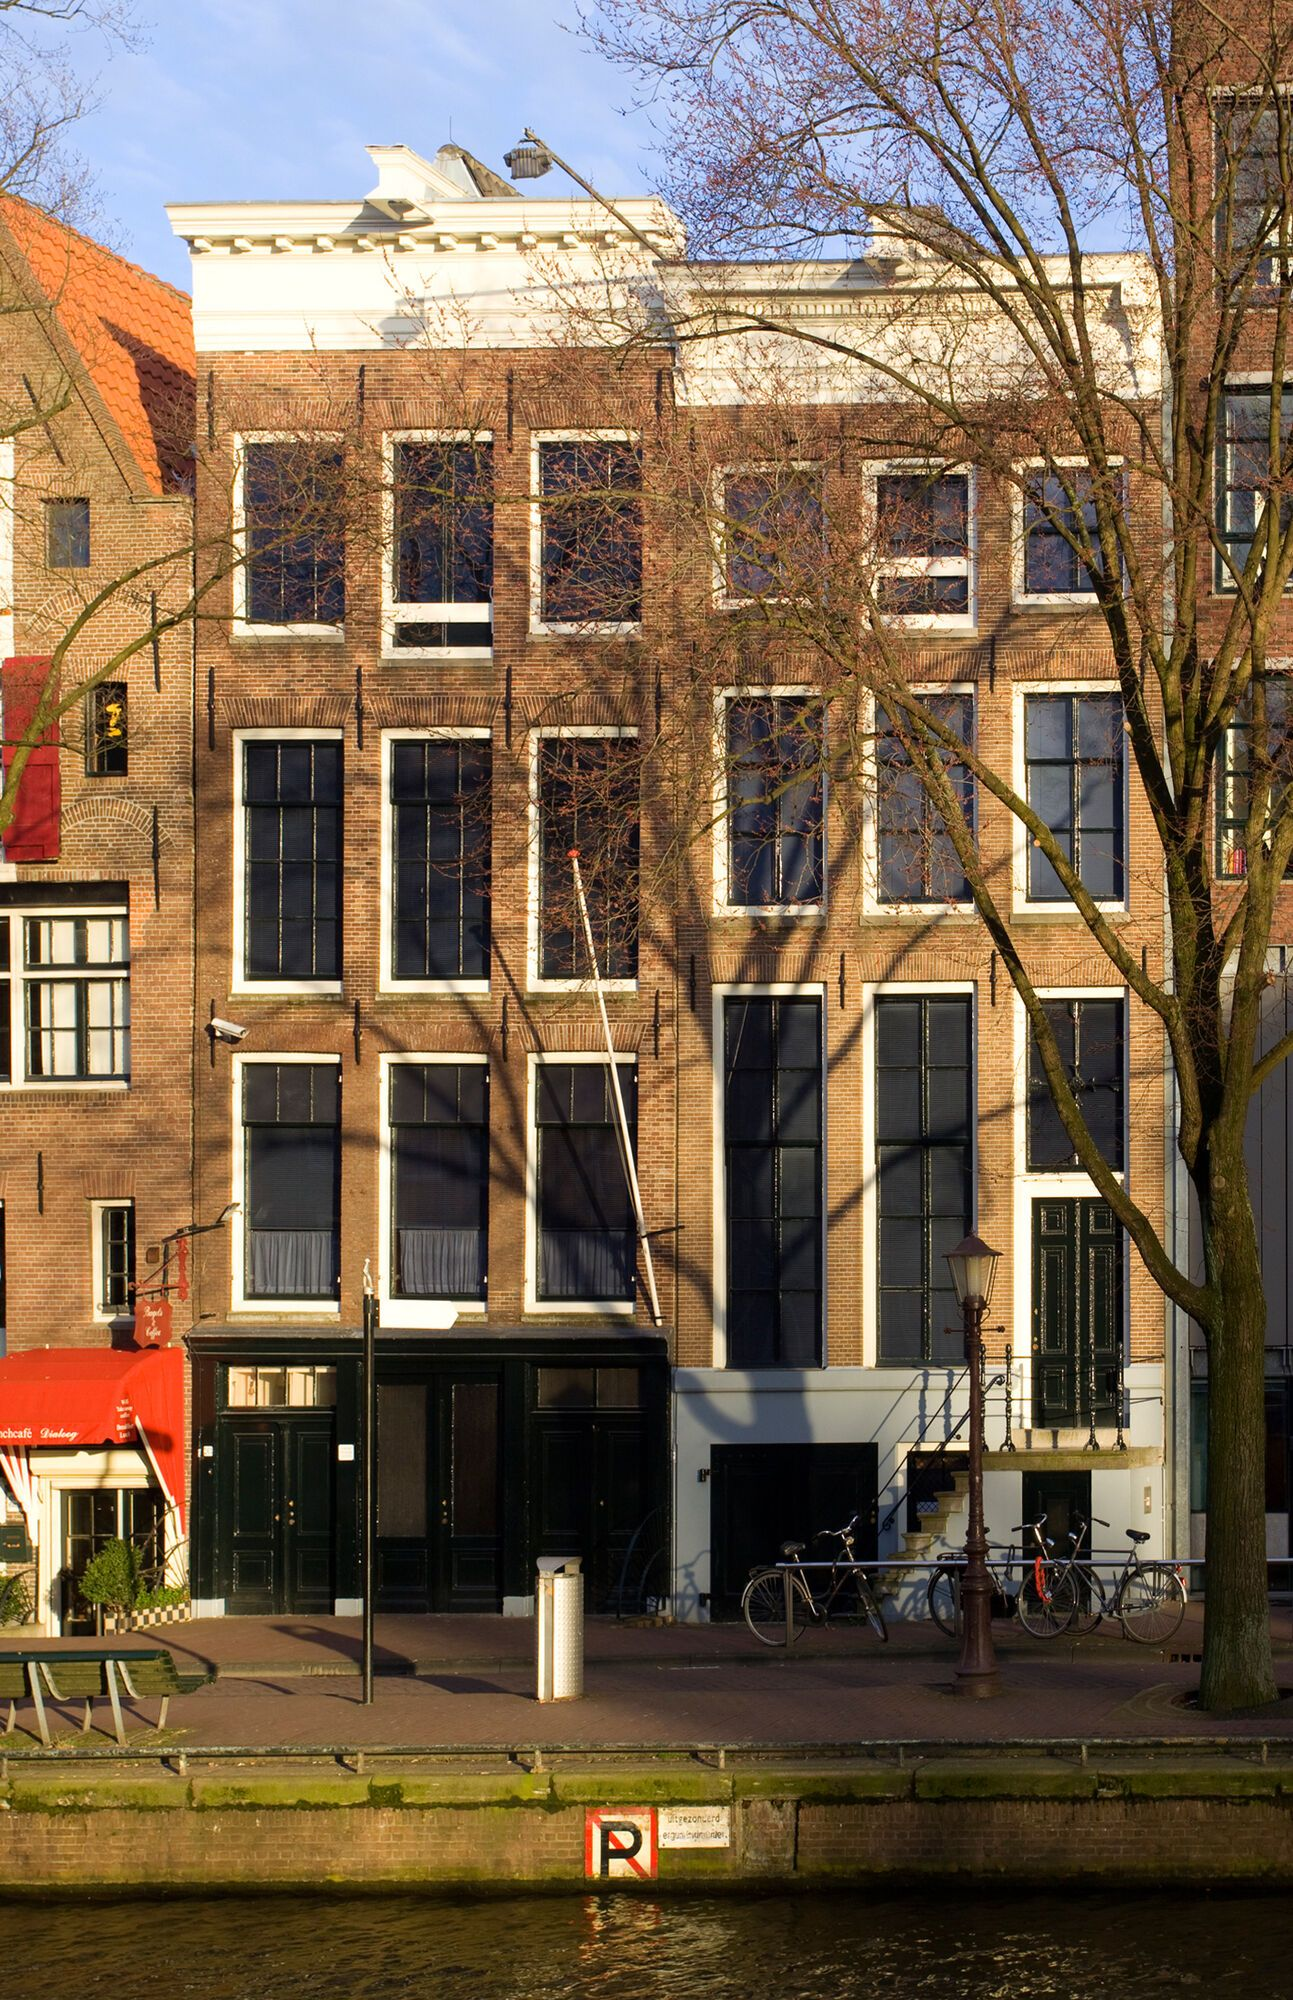 Дім-музей Анни Франк в Амстердамі